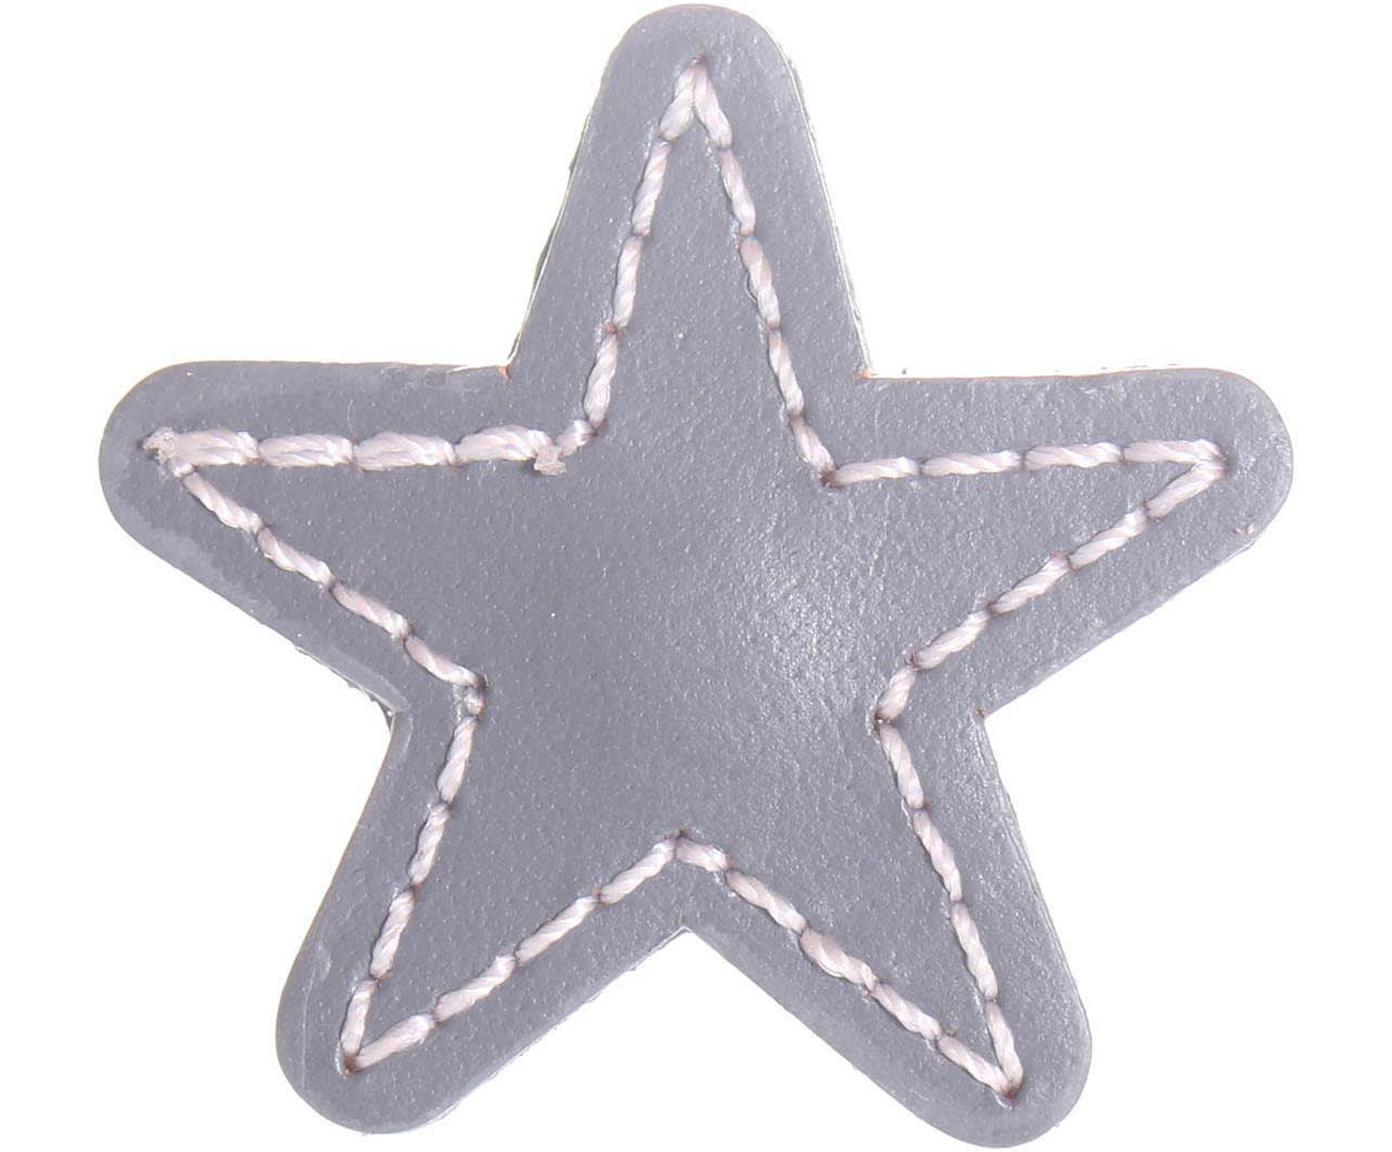 Tirador de cuero Star, Cuero, metal, Gris, An 5 x Al 5 cm